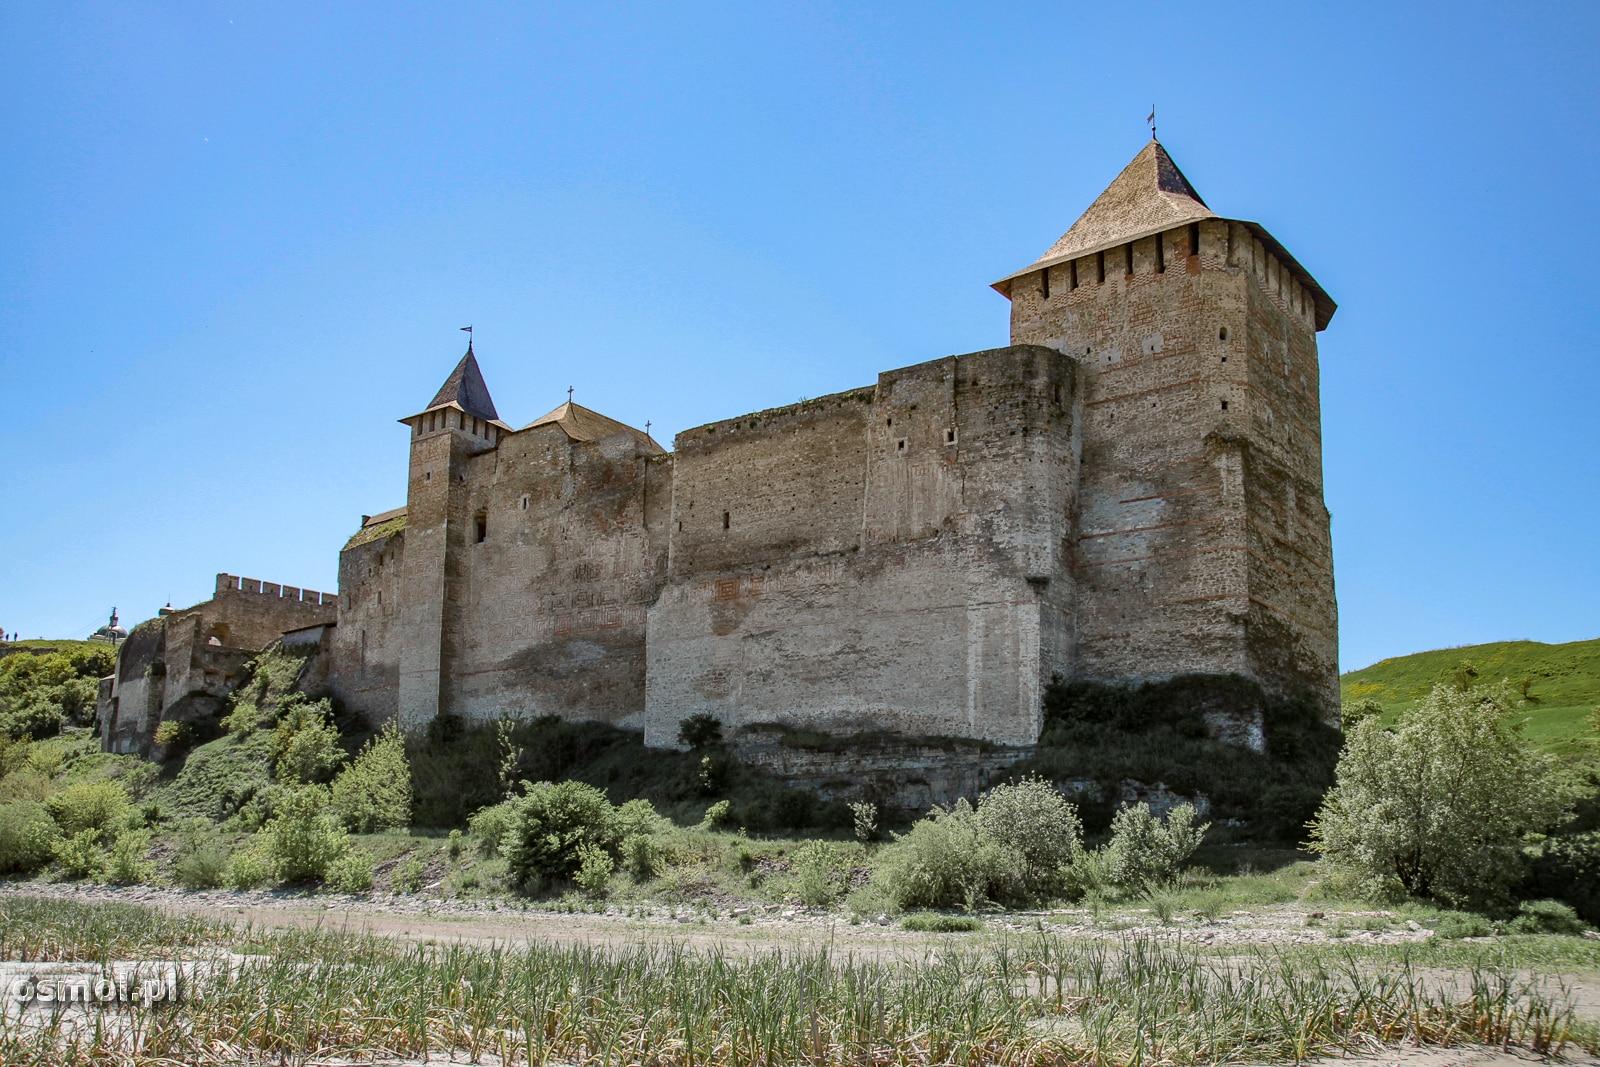 Warto obejść zamek dookoła i spojrzeć na niego od strony Dniestru. Wysokie mury zamkowe z tej perspektywy robią jeszcze większe wrażenie,